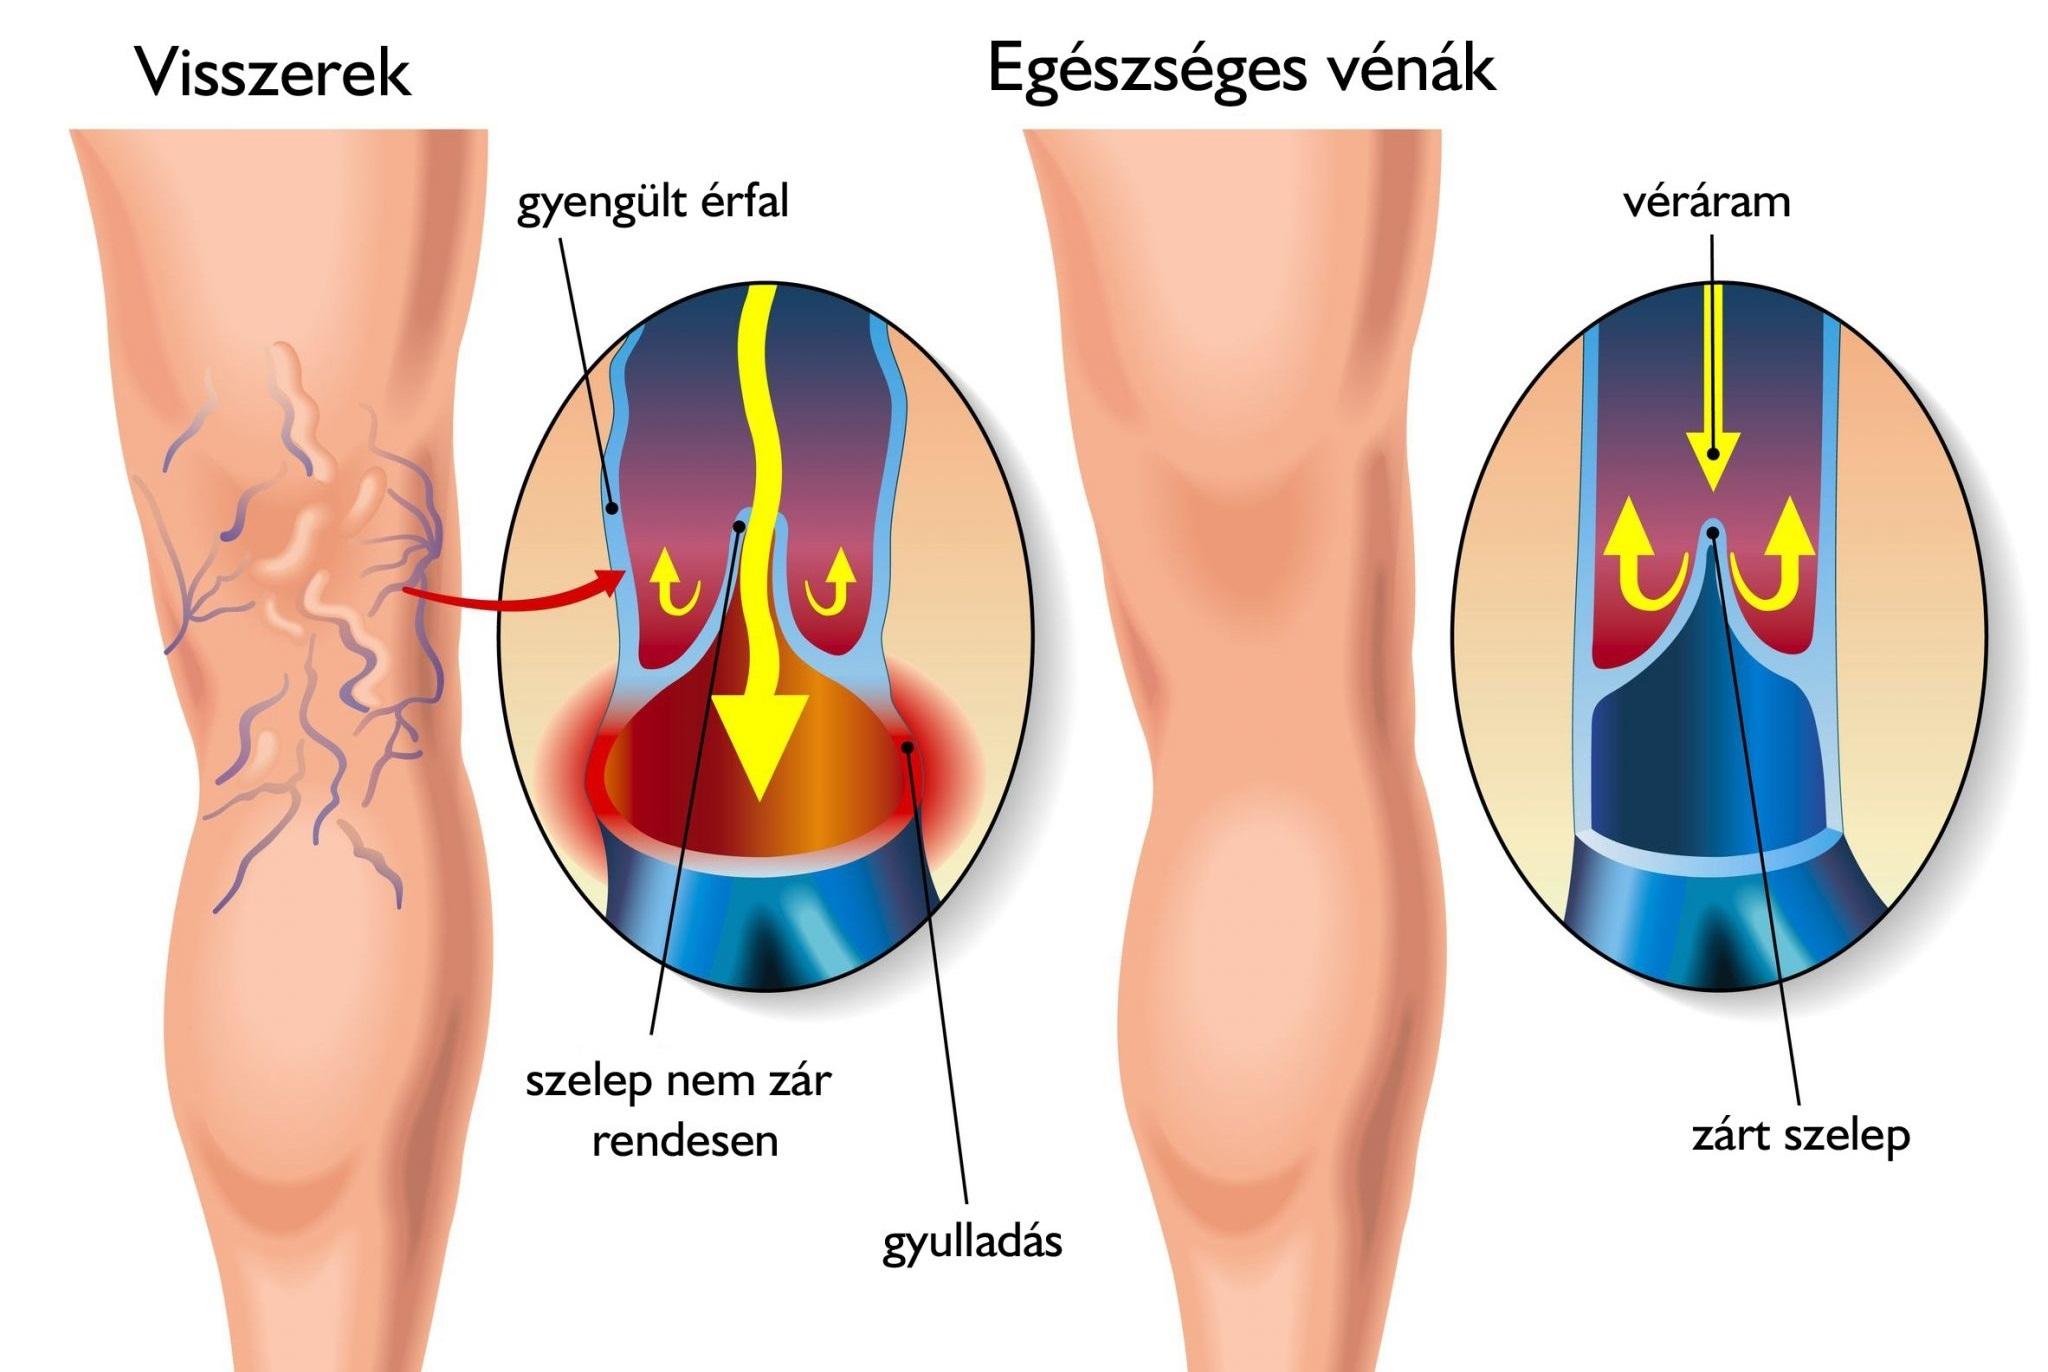 a böjt gyógyítja a visszér visszéreket a lábakon)